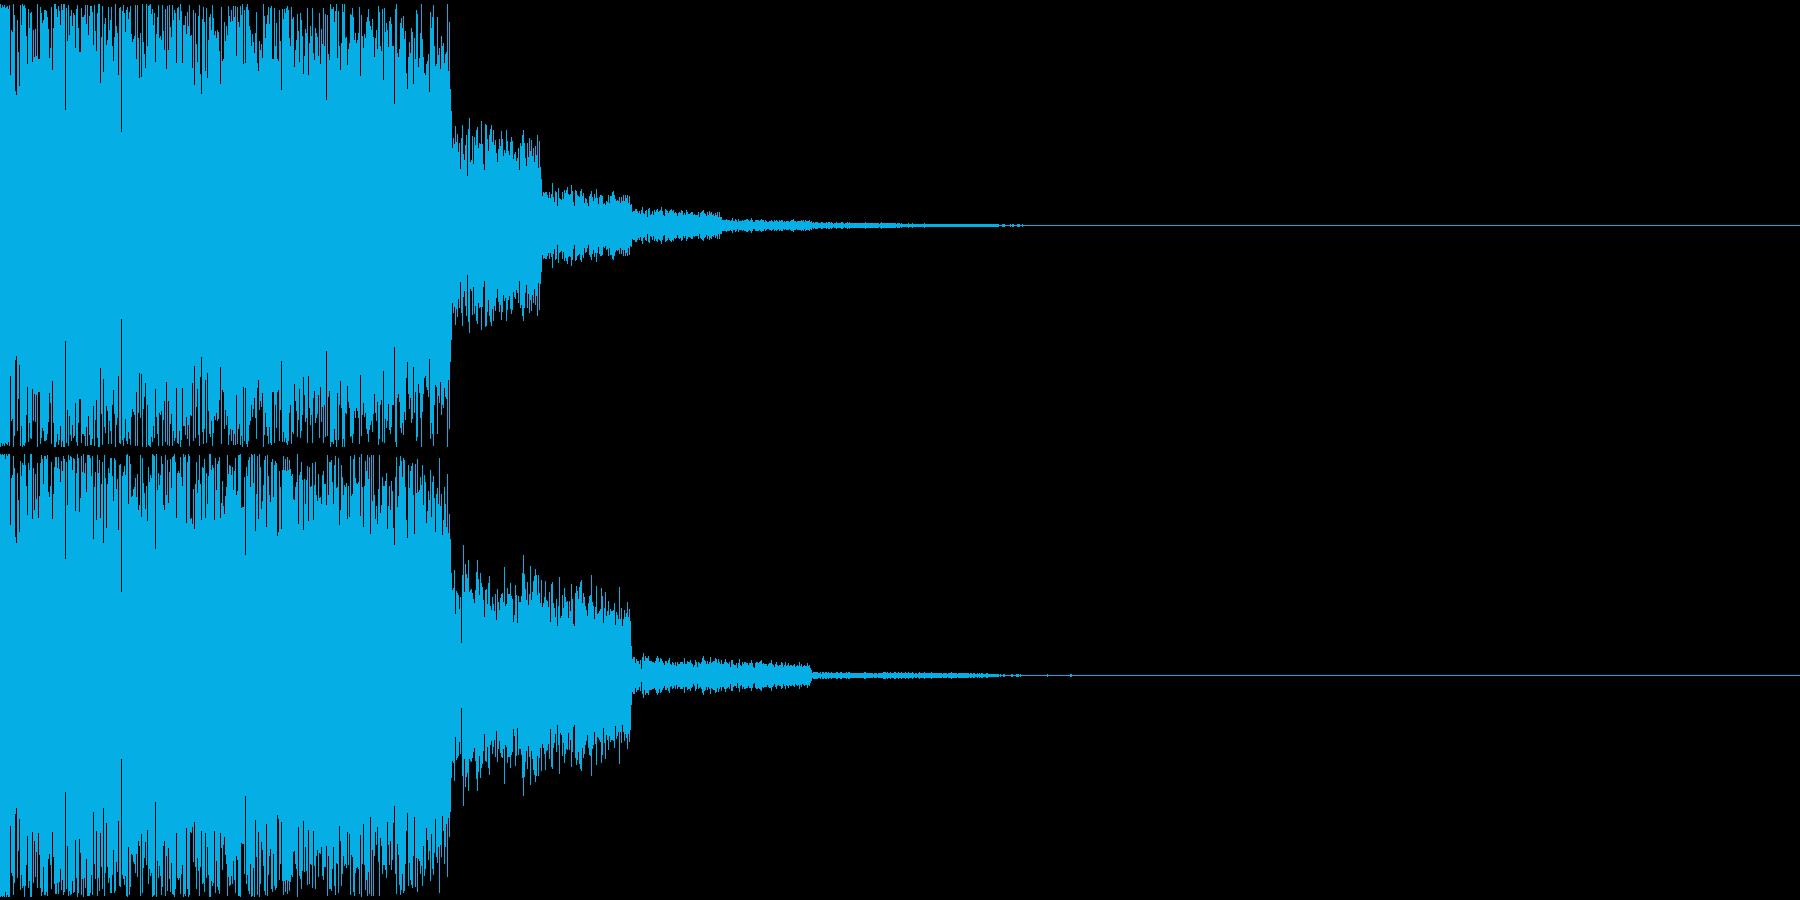 パズルゲームのライン揃い音の再生済みの波形